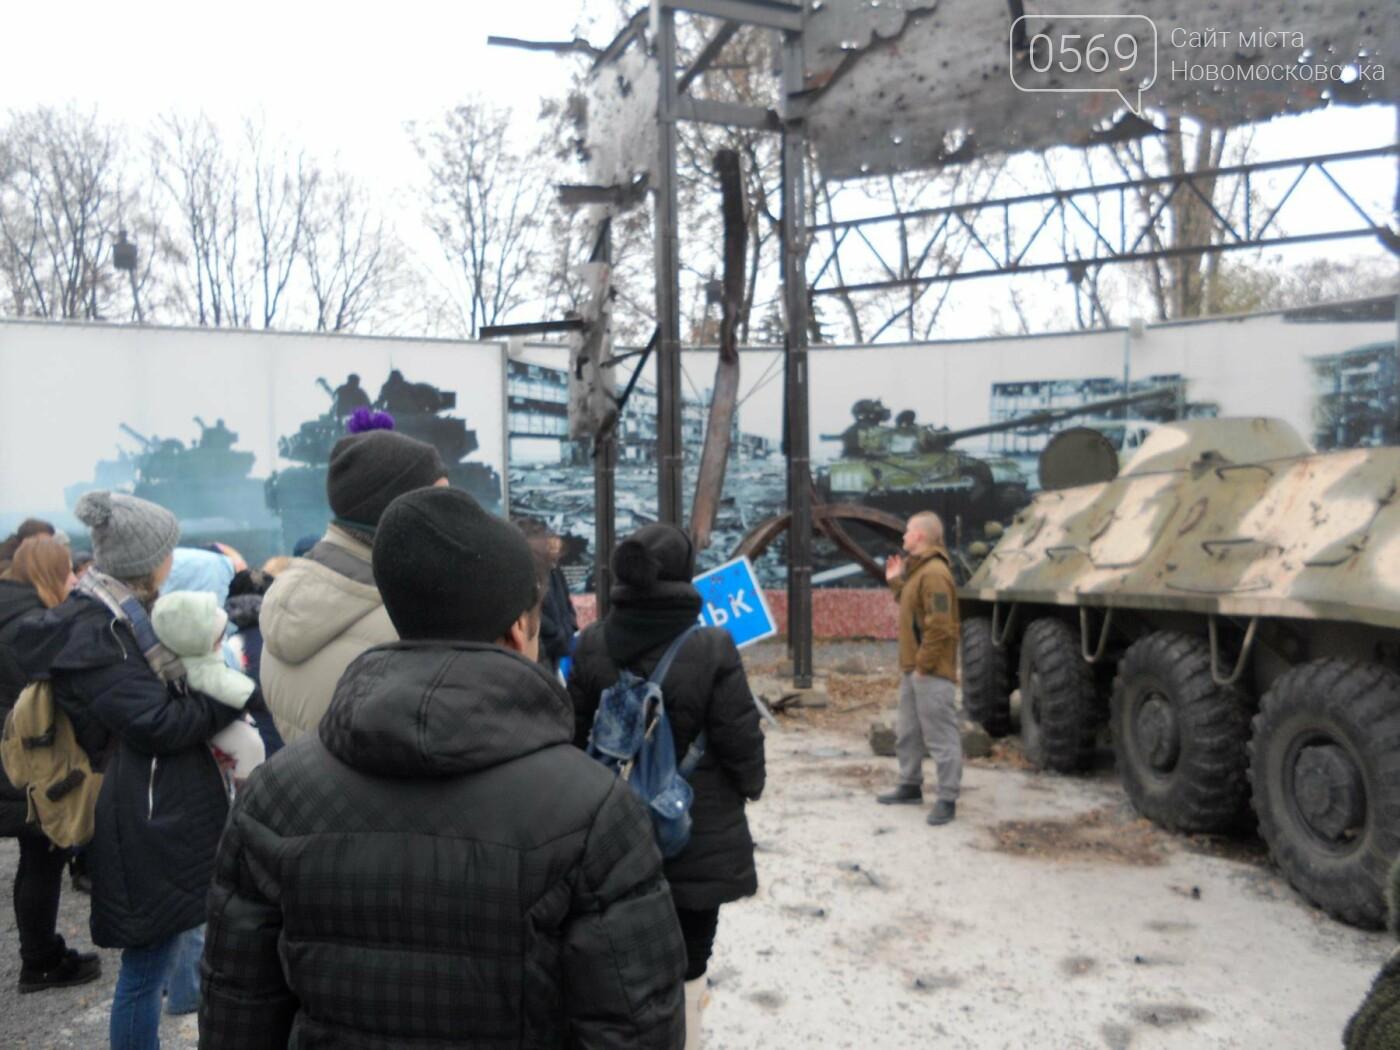 Новомосковці відвідали музей АТО у Дніпрі, фото-4